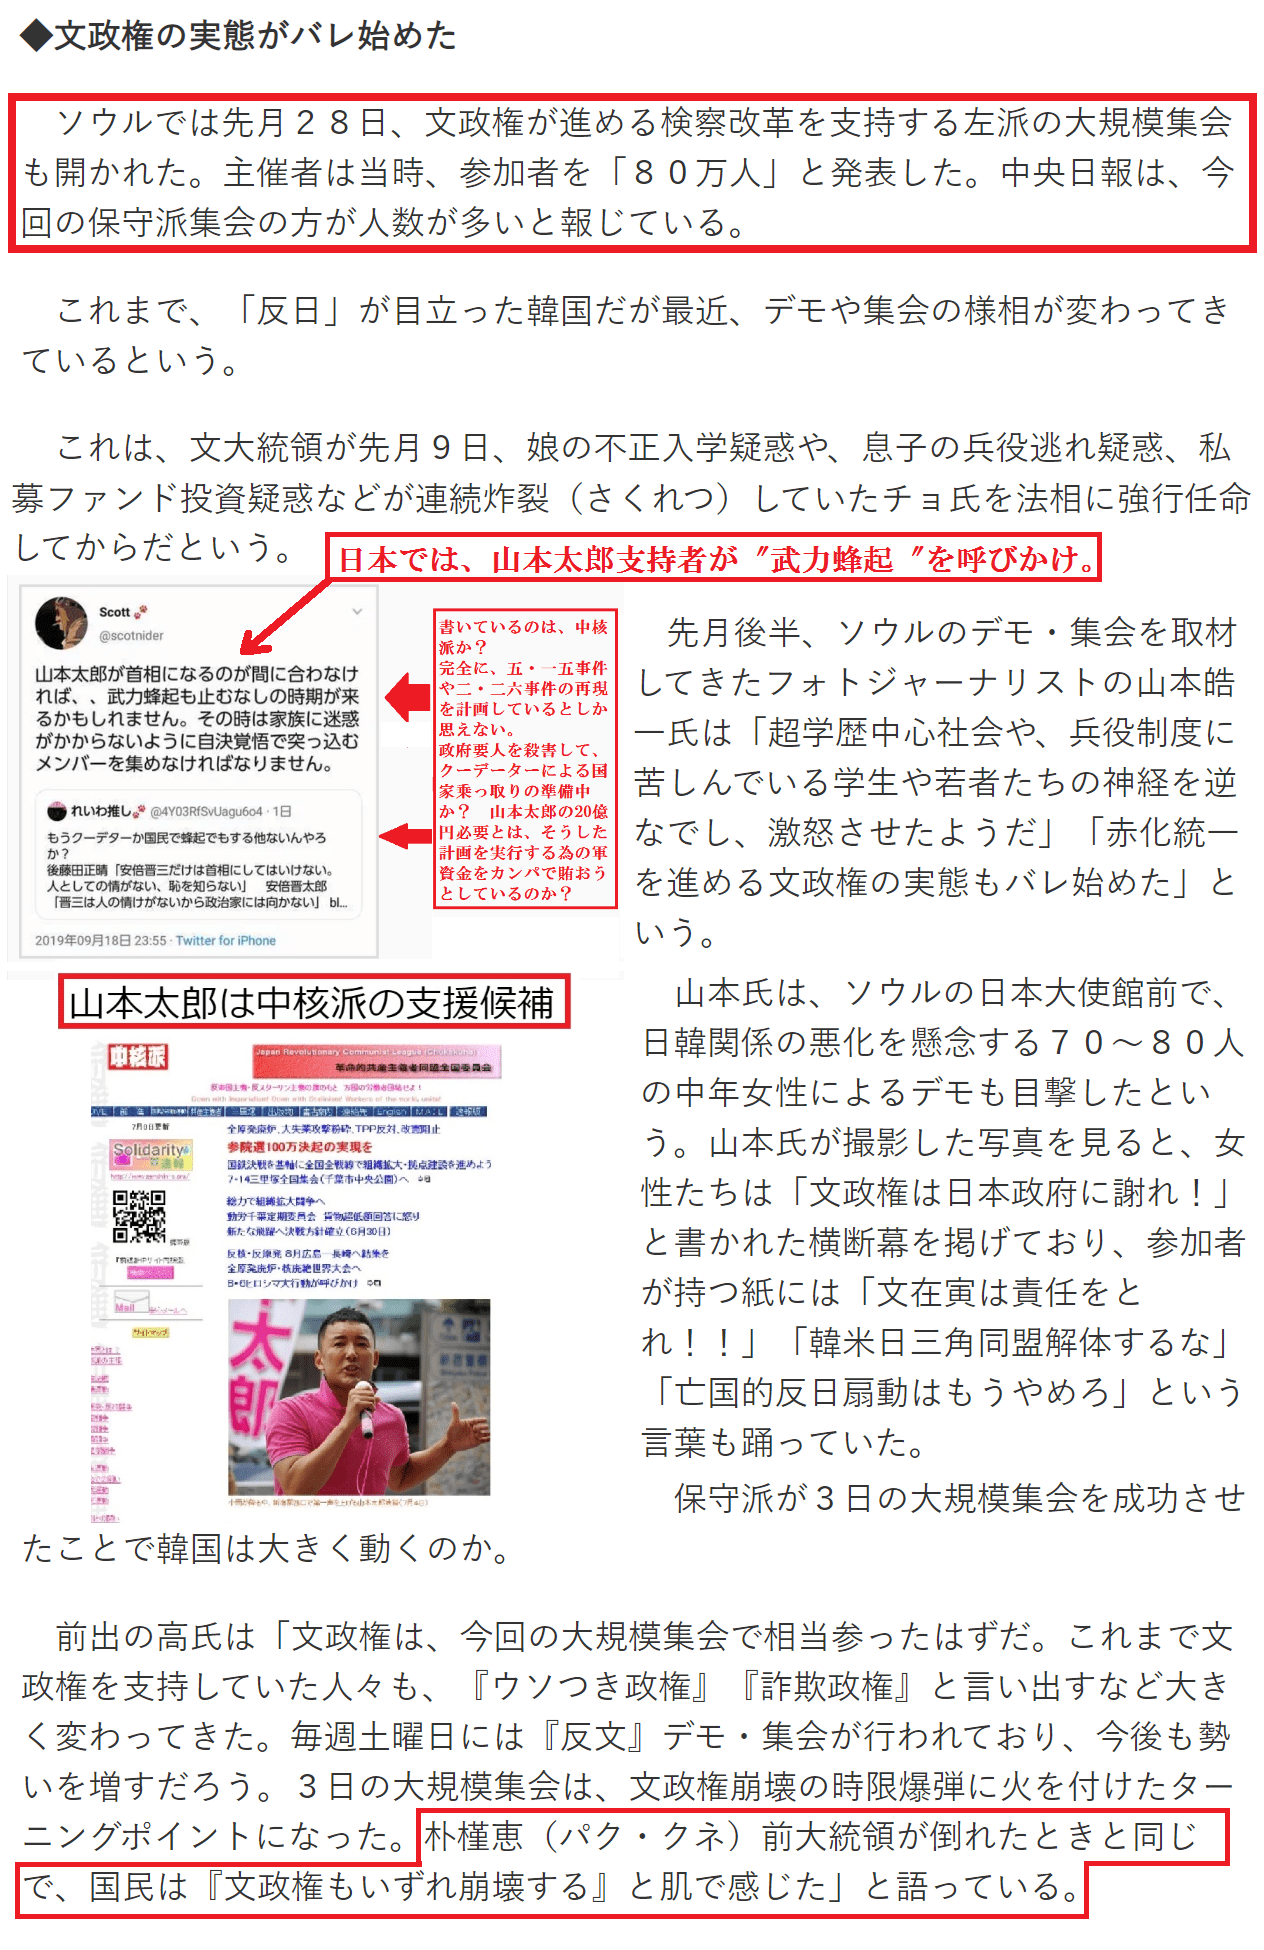 下朝鮮で100万人規模(?)で反ブンザイ寅デモが3 (1)